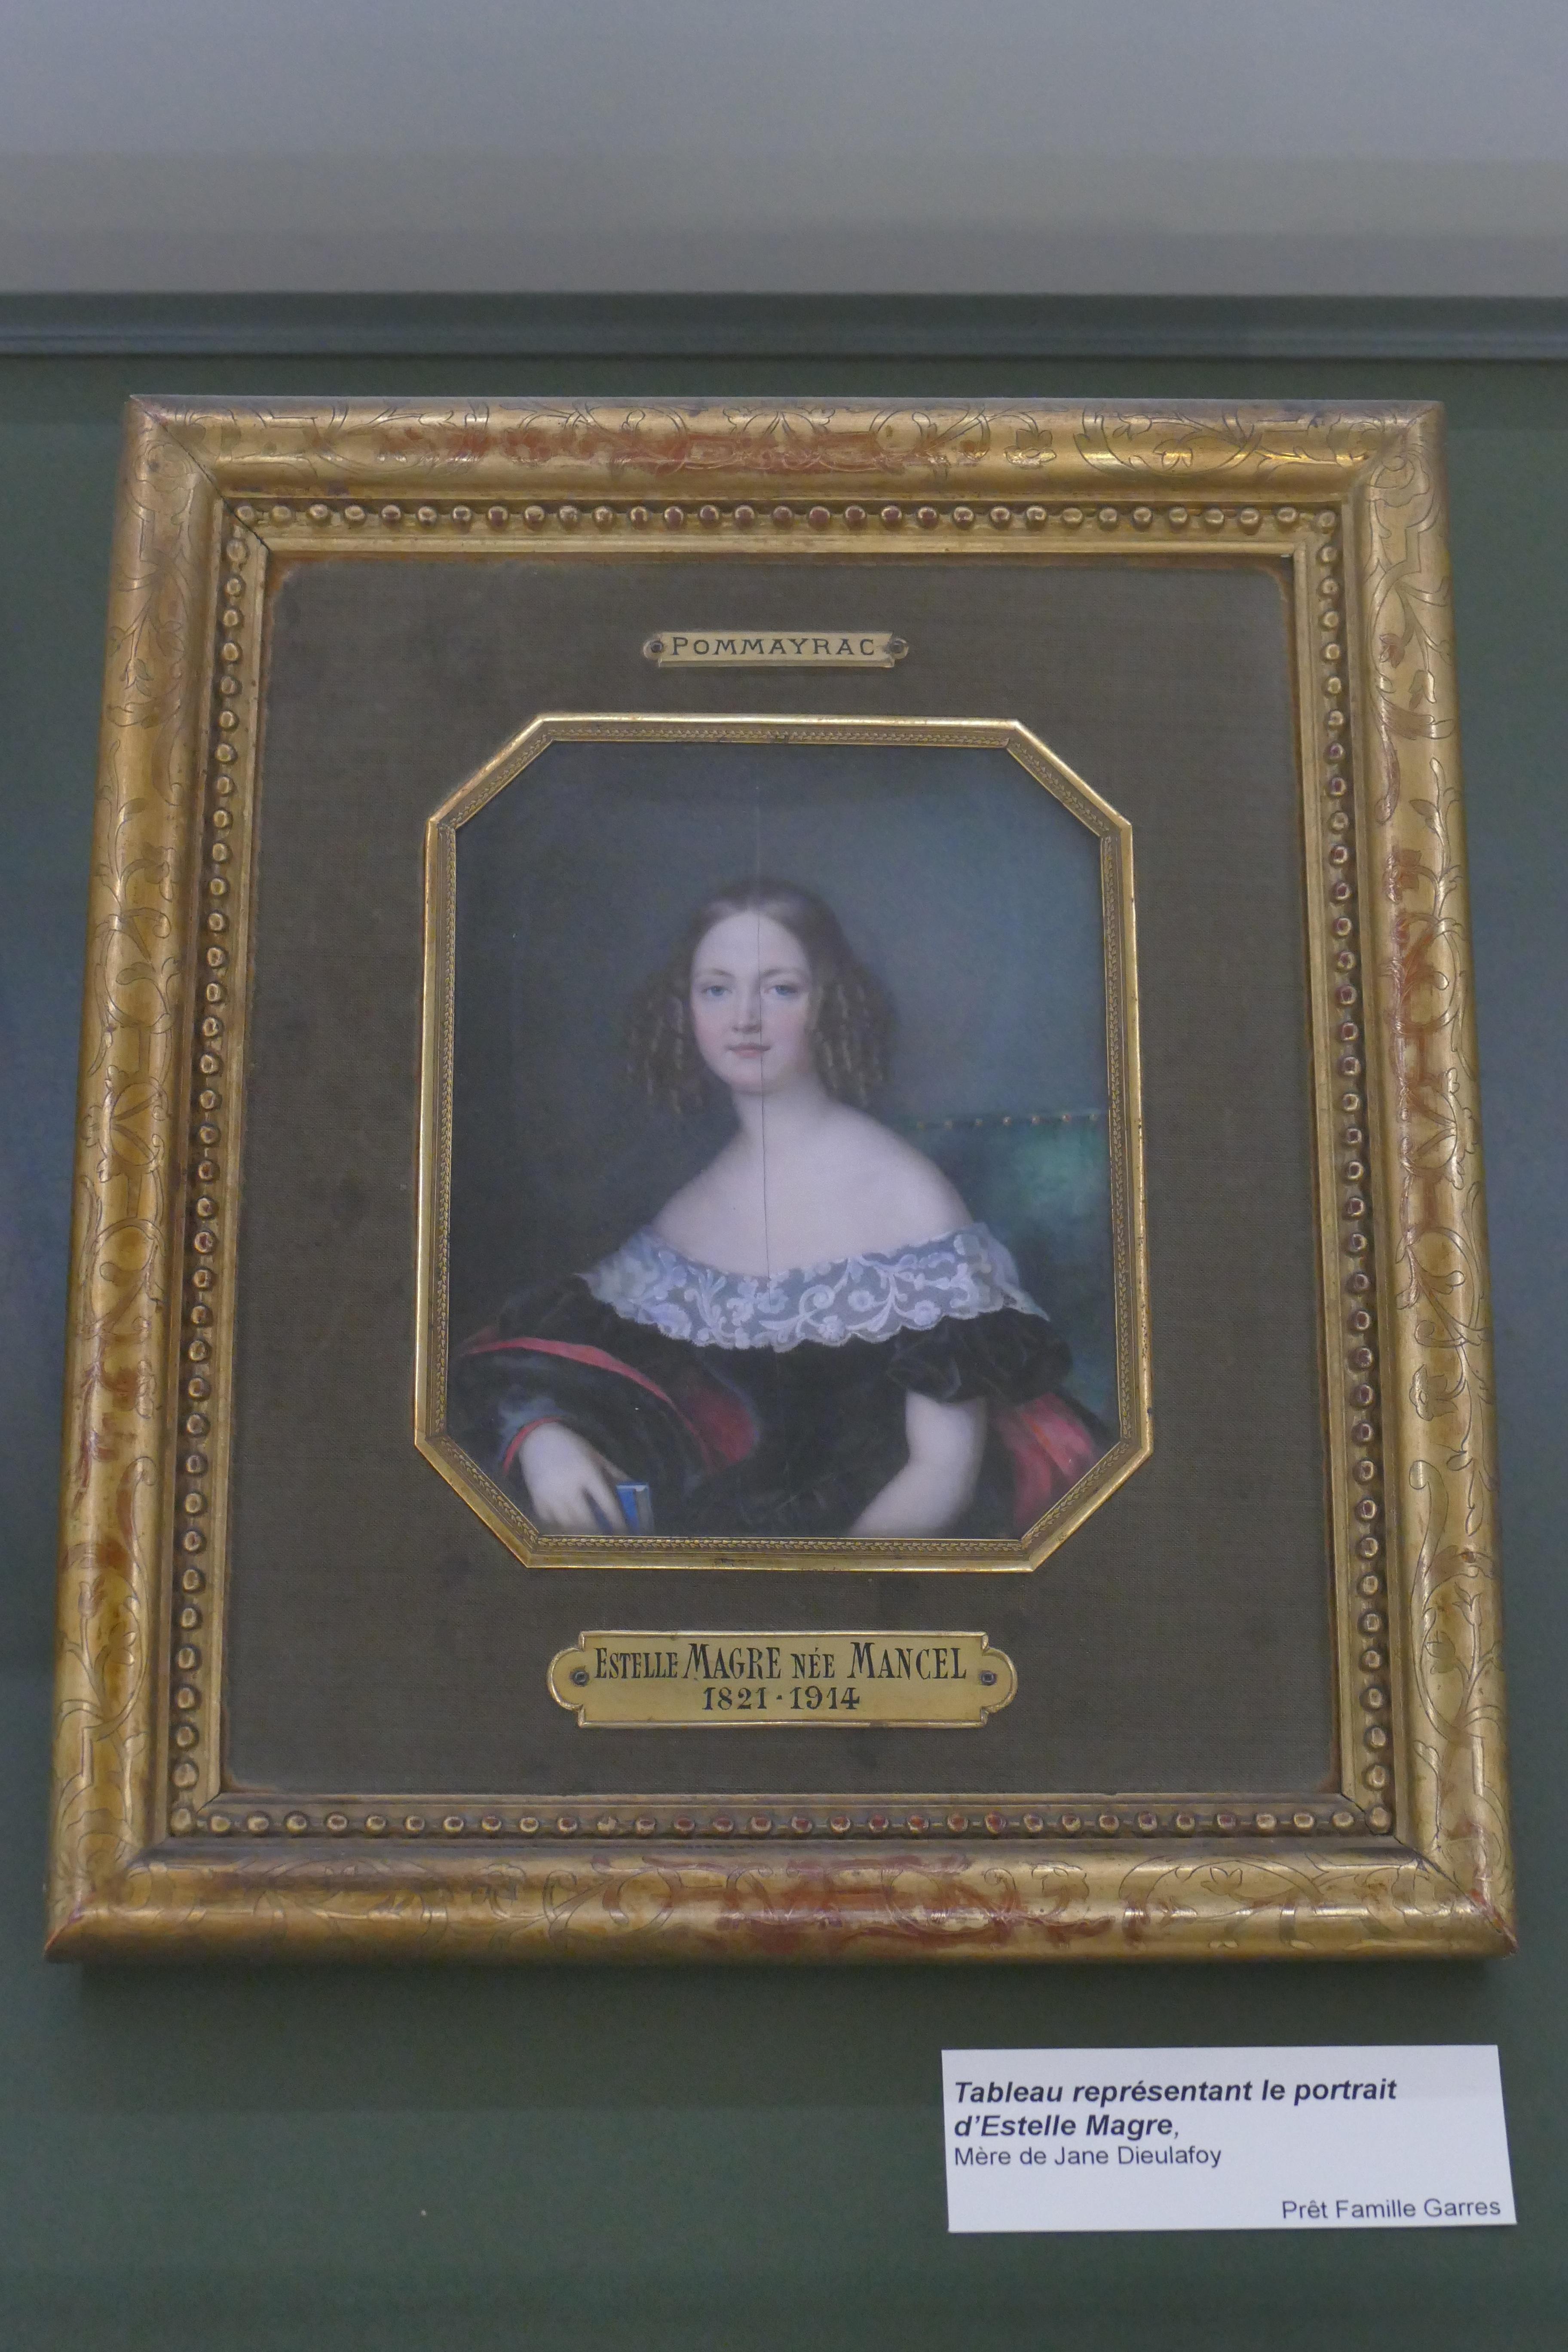 Estelle Magre, mère de Jane Dieulafoy